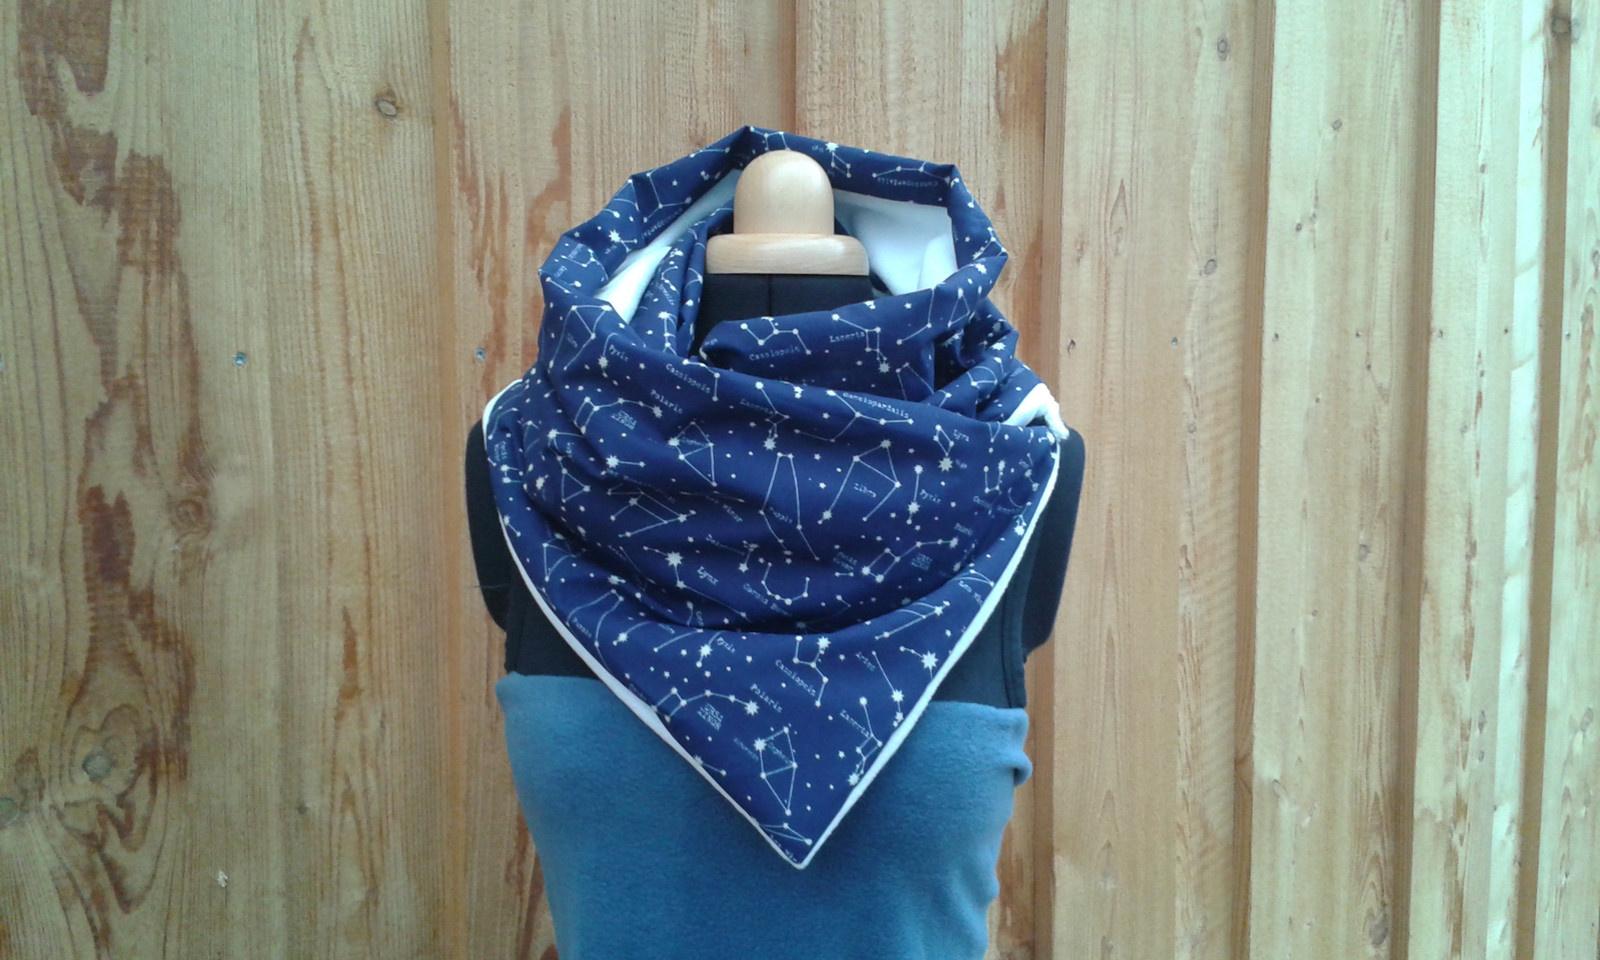 Nákrčník fleece x bavlna - SOUHVĚZDÍ   Zboží prodejce 4Radost  c1ebffbb88